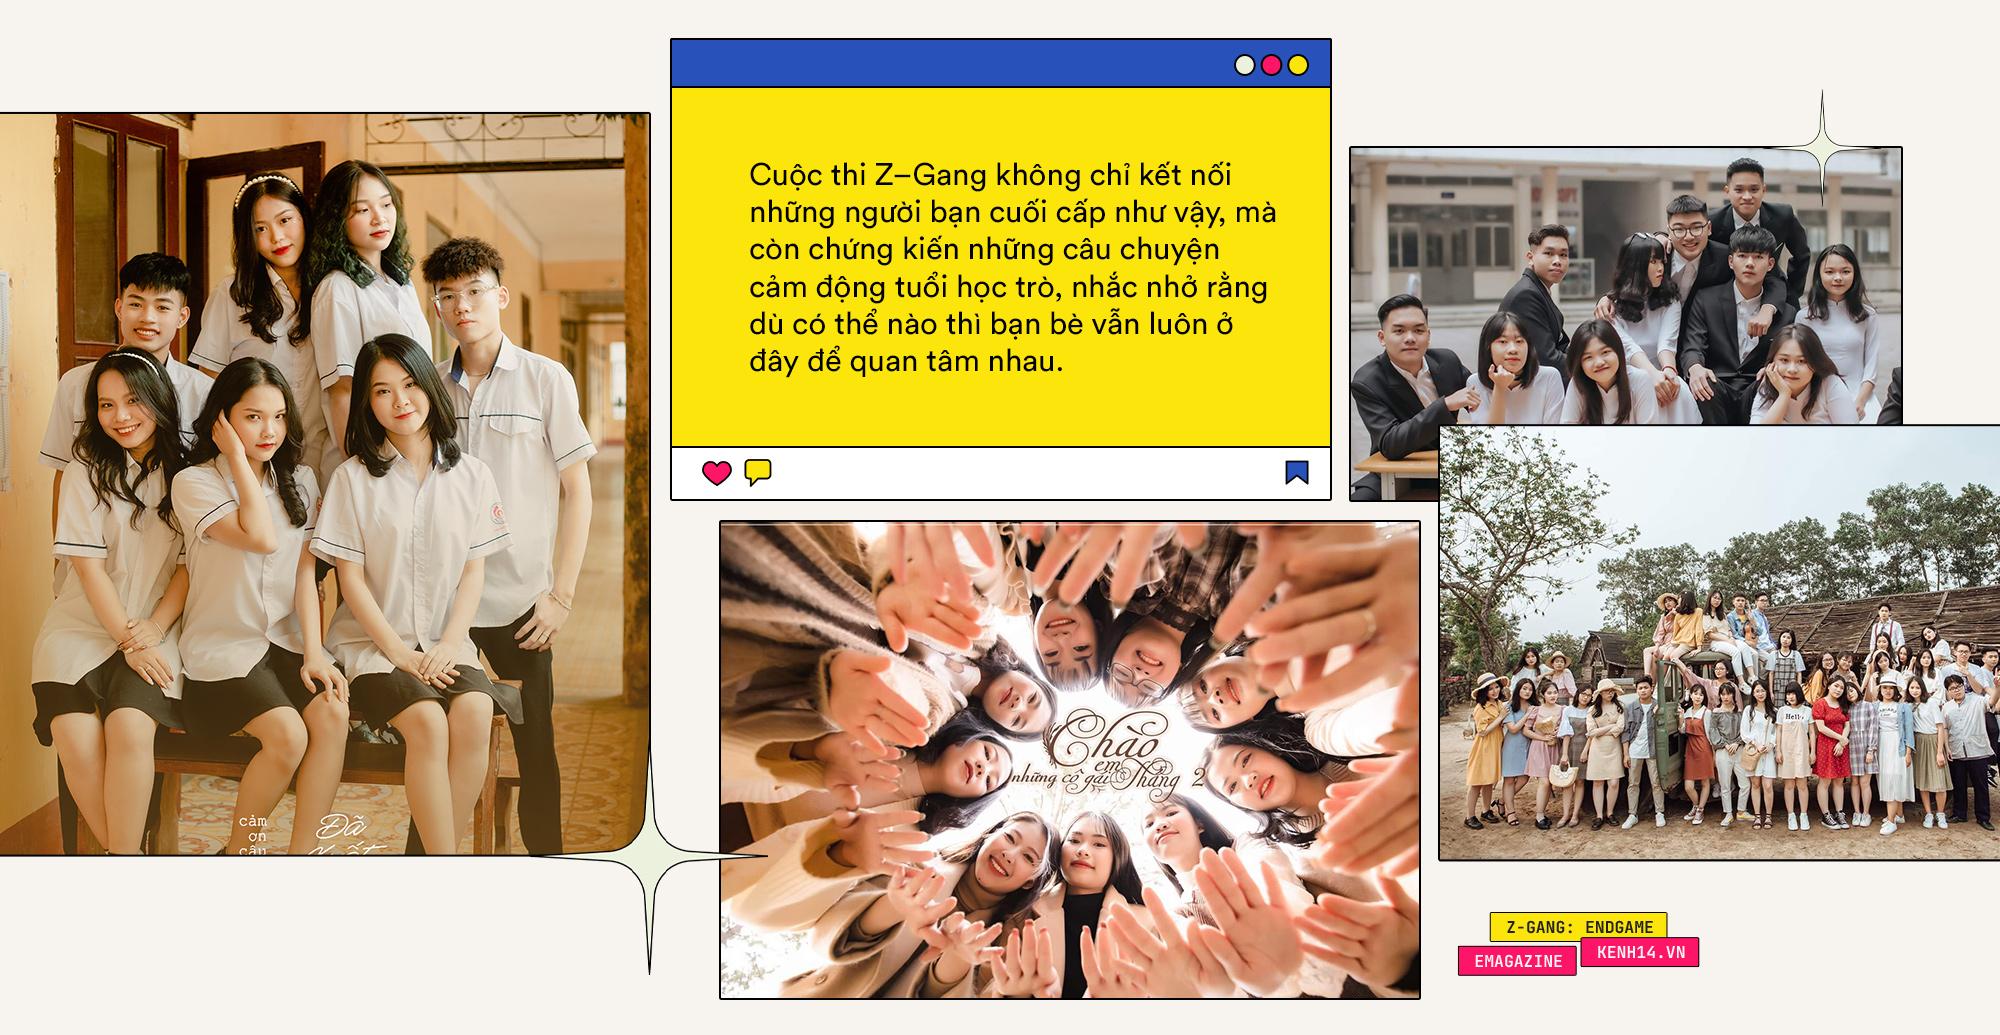 Kỷ yếu cuối cấp: Cách Gen Z nói lời tạm biệt trường lớp bằng những bộ ảnh thanh xuân đầy cảm xúc - Ảnh 11.